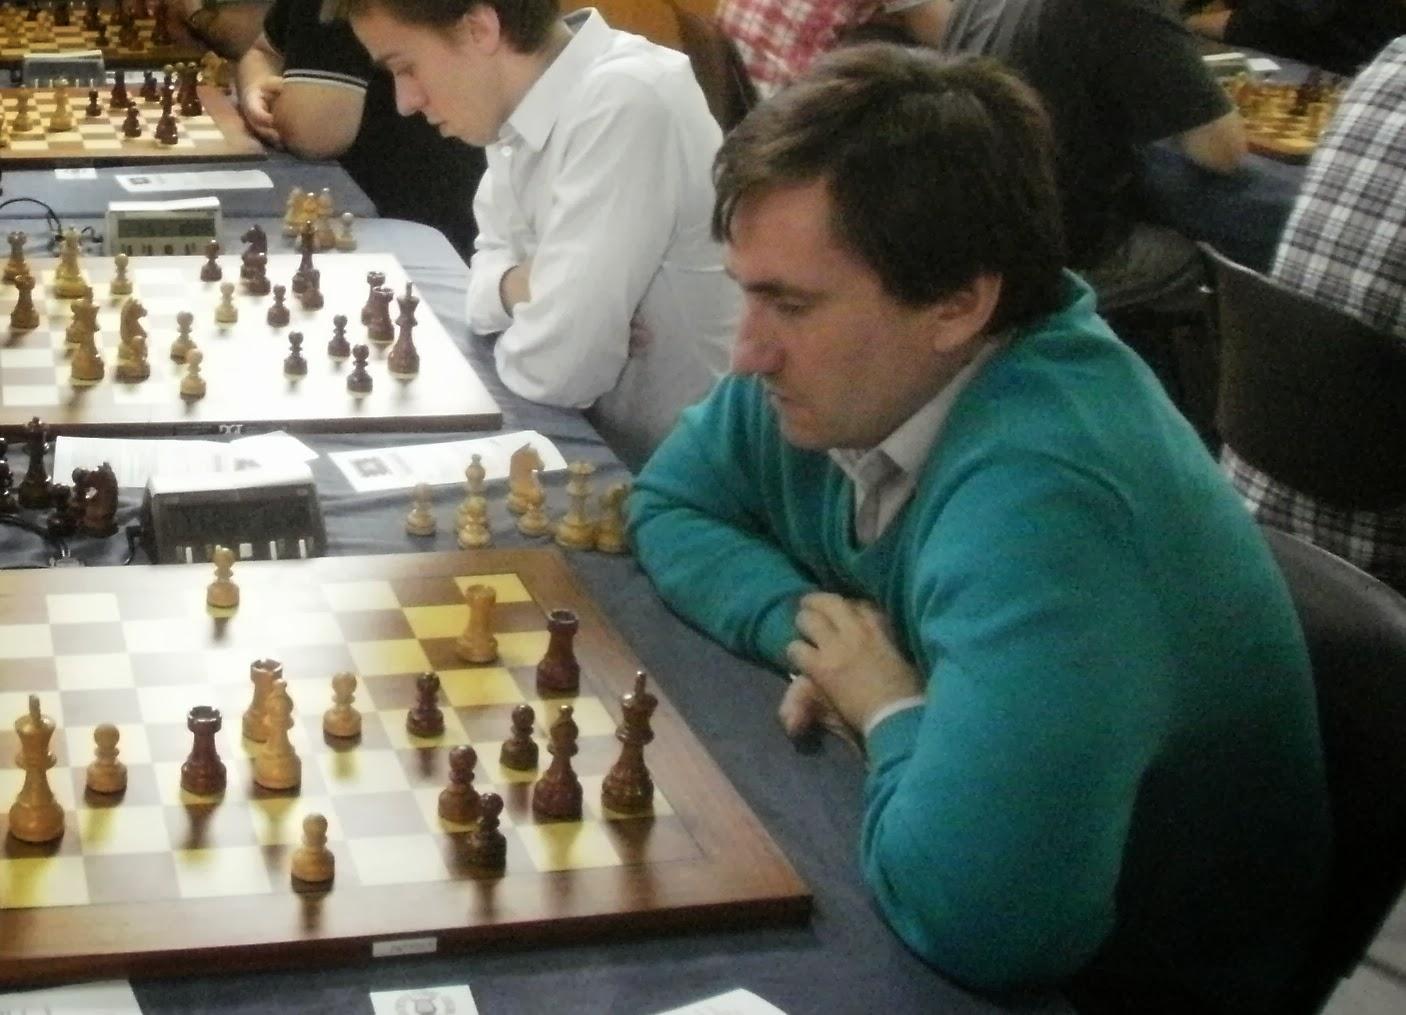 http://4.bp.blogspot.com/-LNwcYbY7HL0/UxmIGn-65II/AAAAAAAAIu4/EA2PqT8djDc/s1600/Luis+Rojas.JPG